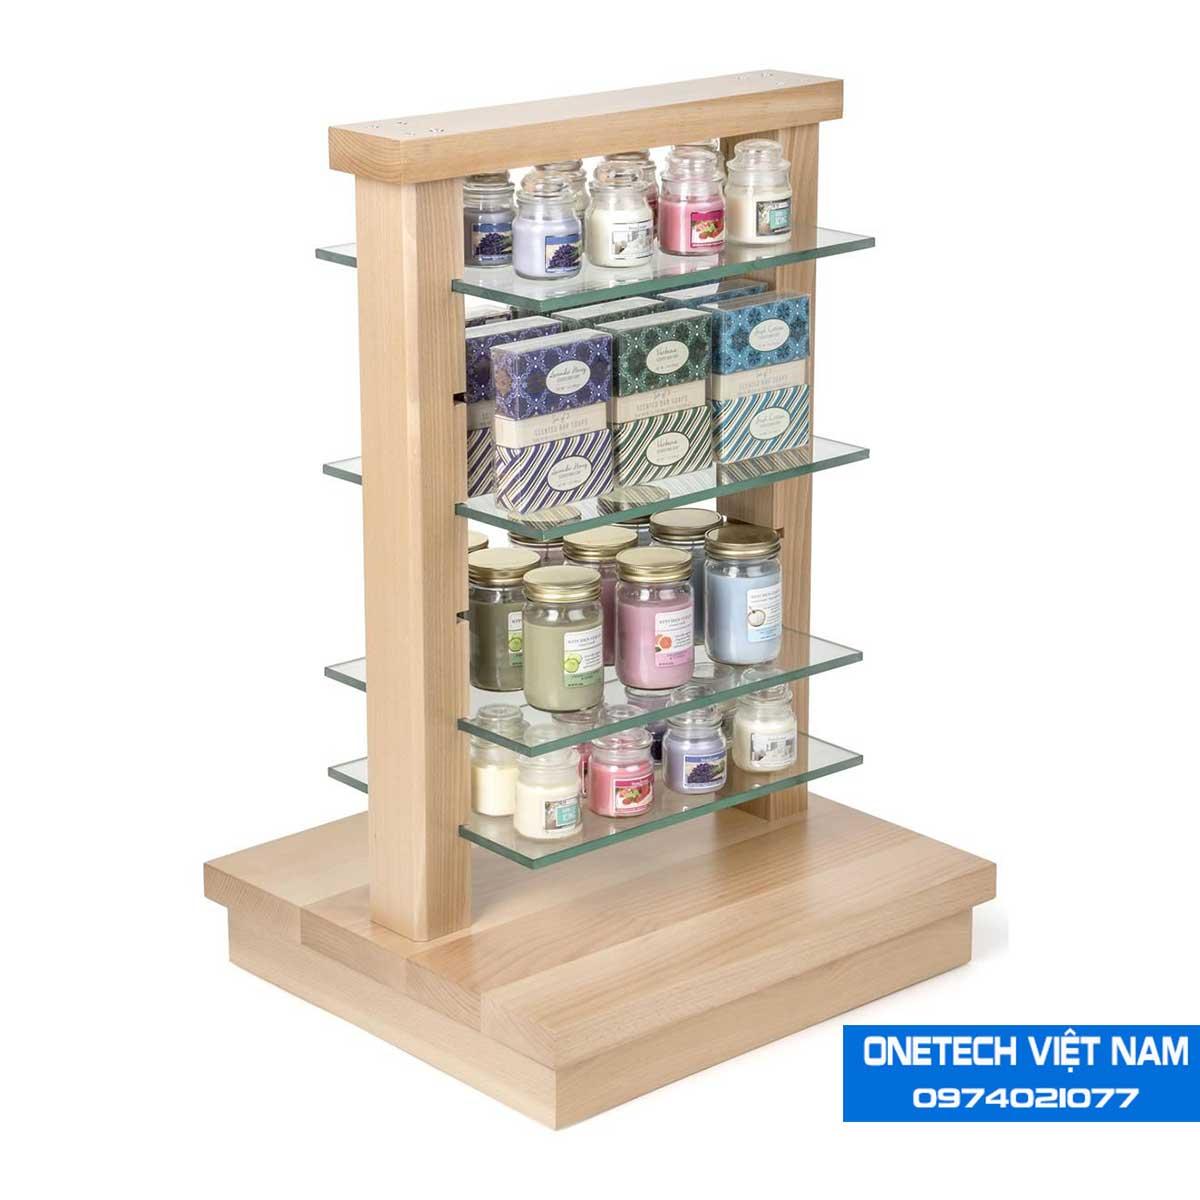 Kệ trưng bày sản phẩm gỗ kính